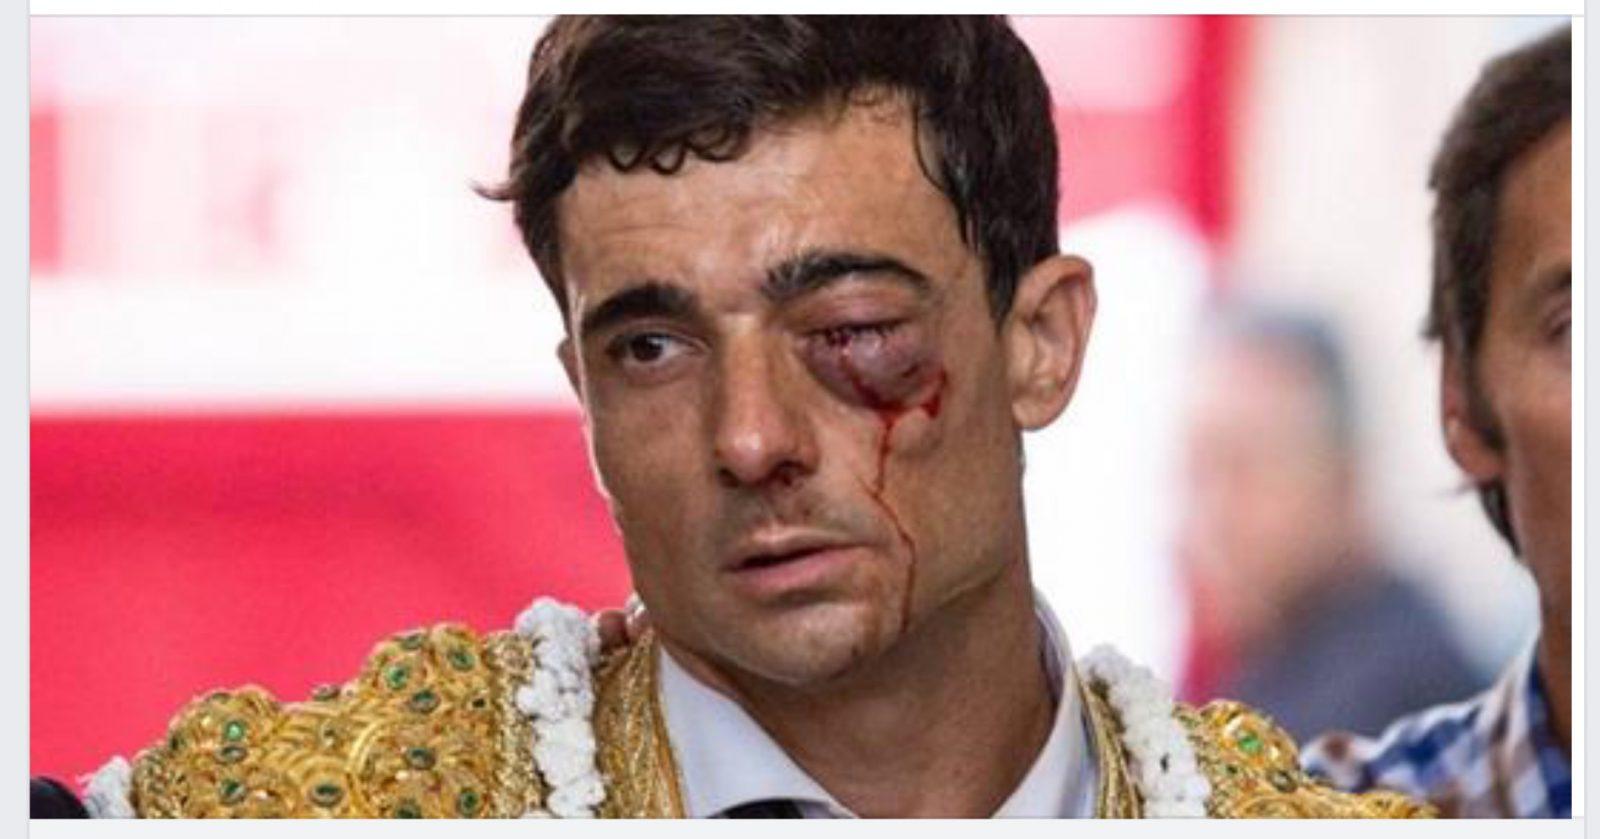 BLESSURE // PACO UREÑA sauve son oeil, mais il ne récupérera pas la vision